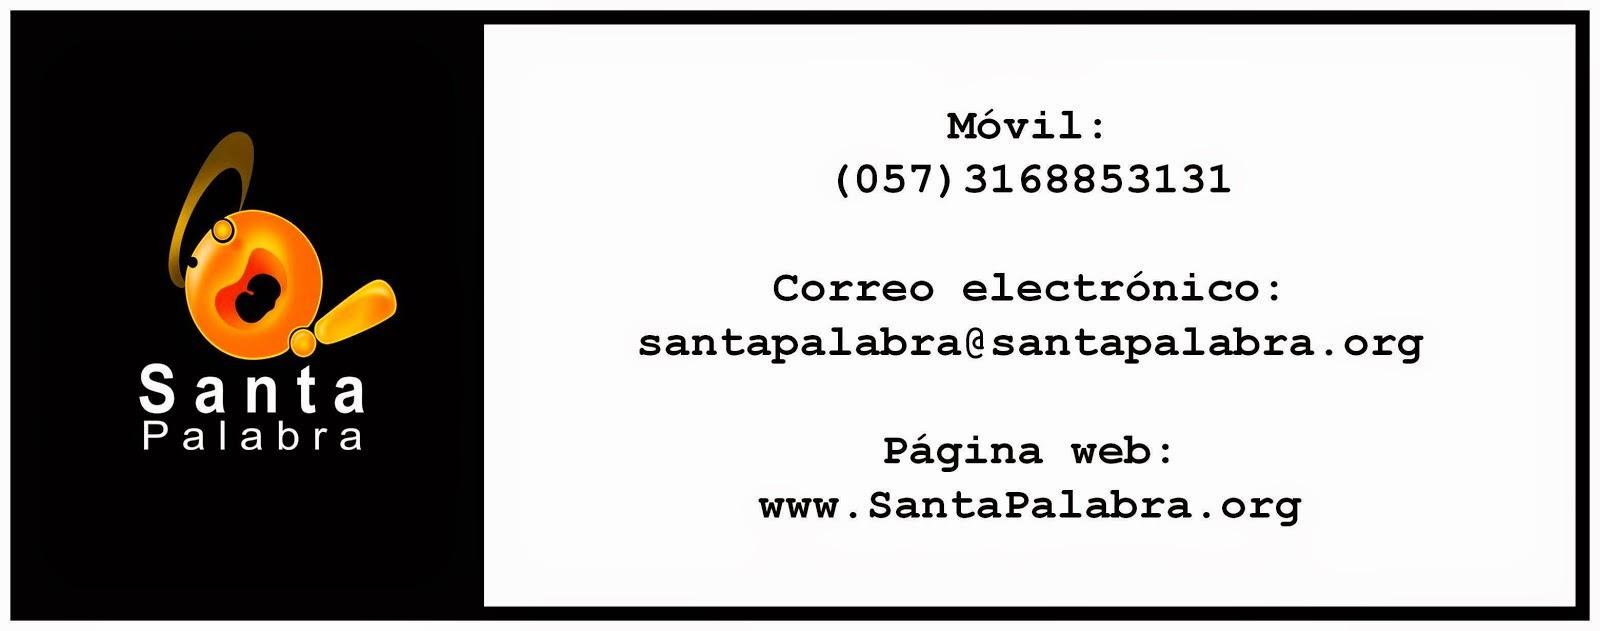 Contacta a Santa Palabra